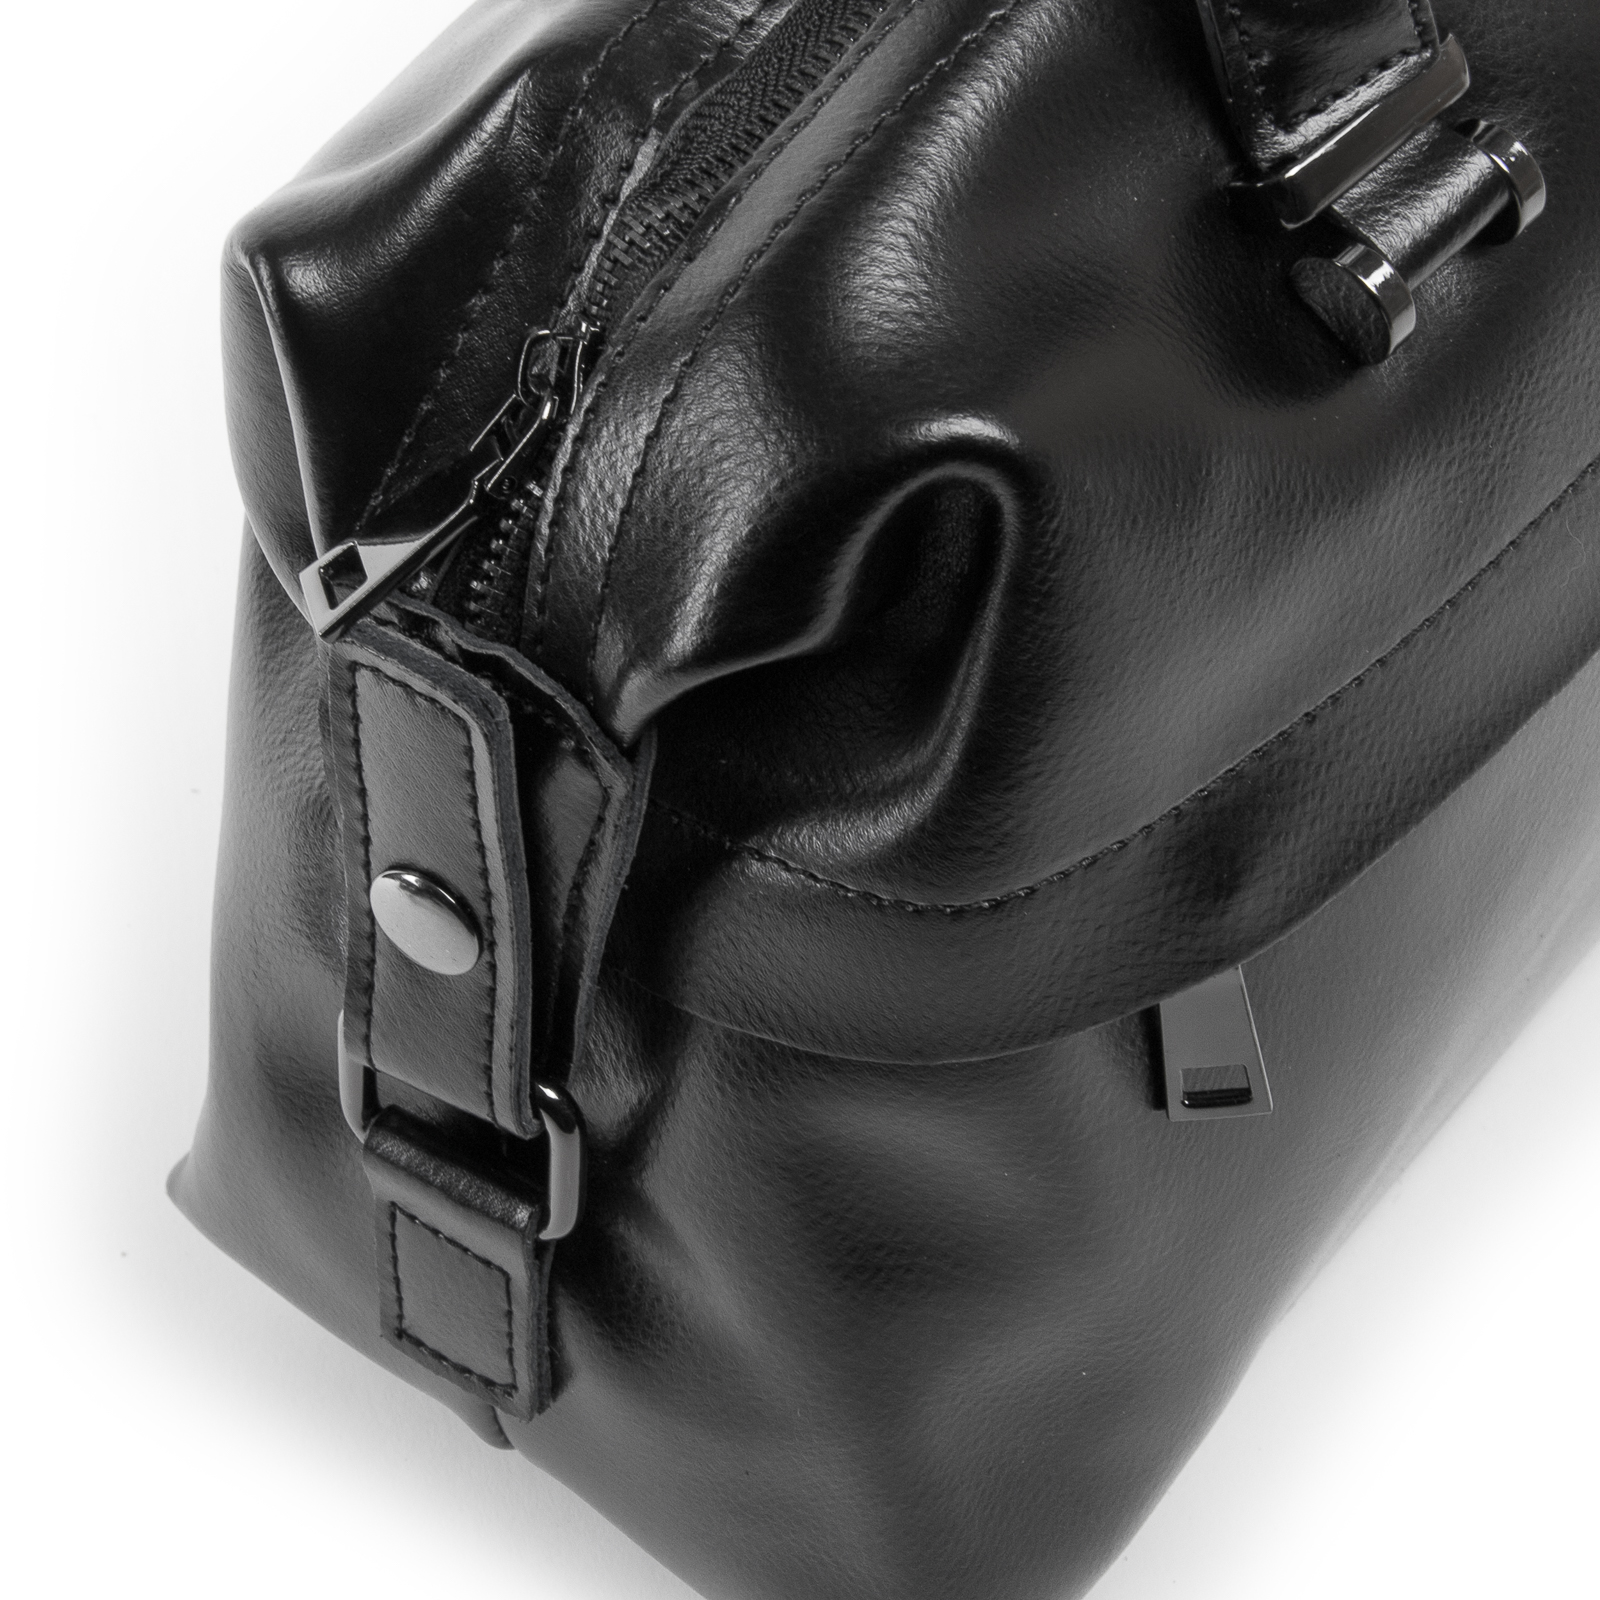 Сумка Женская Классическая кожа ALEX RAI 03-01 P1532 black - фото 3